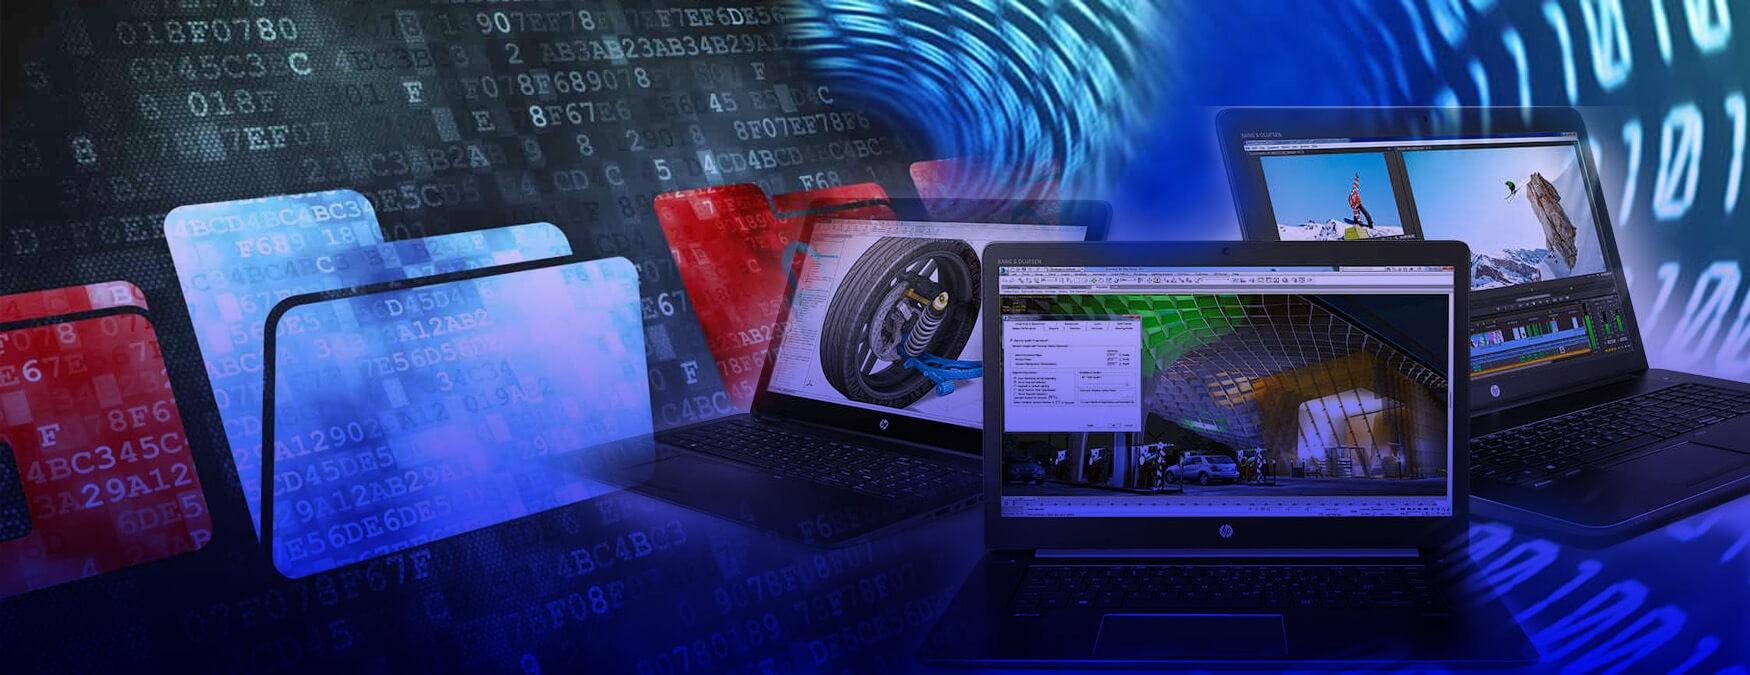 Electronics Retail Image - AGR